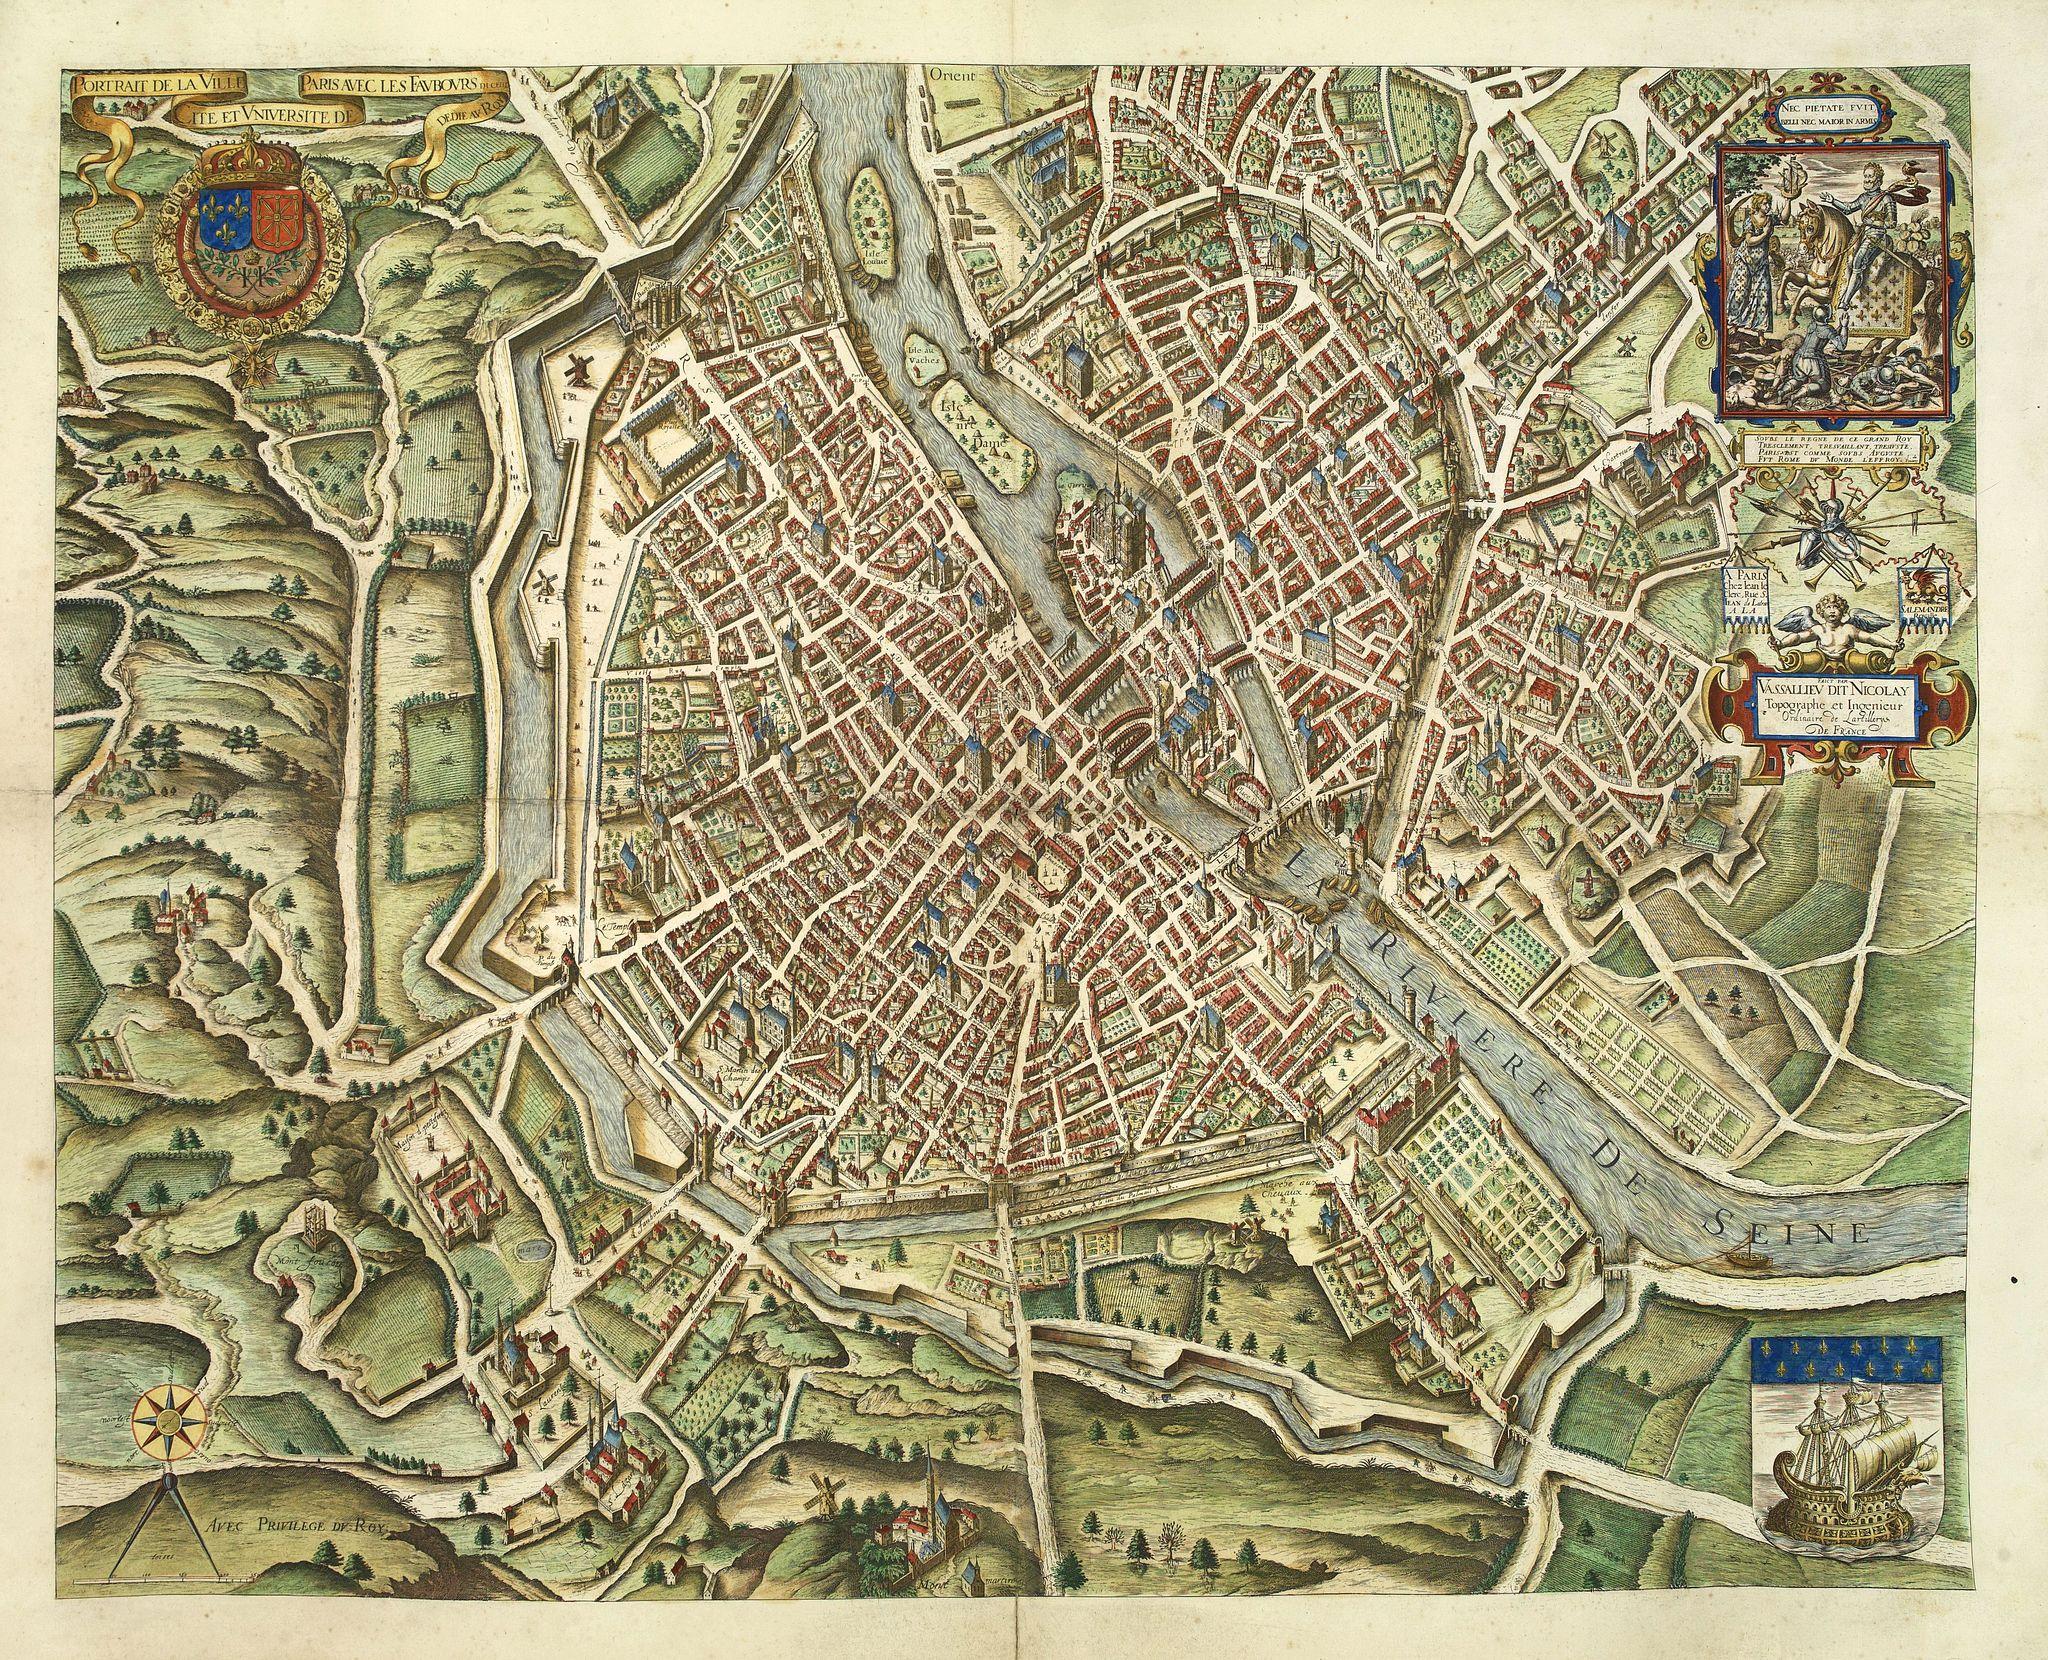 NICOLAY. -  Portrait de la Ville, Cité et Université de Paris avec les Faubourgs di celle dédié au Roy. [photogravure facsimile from 1880]